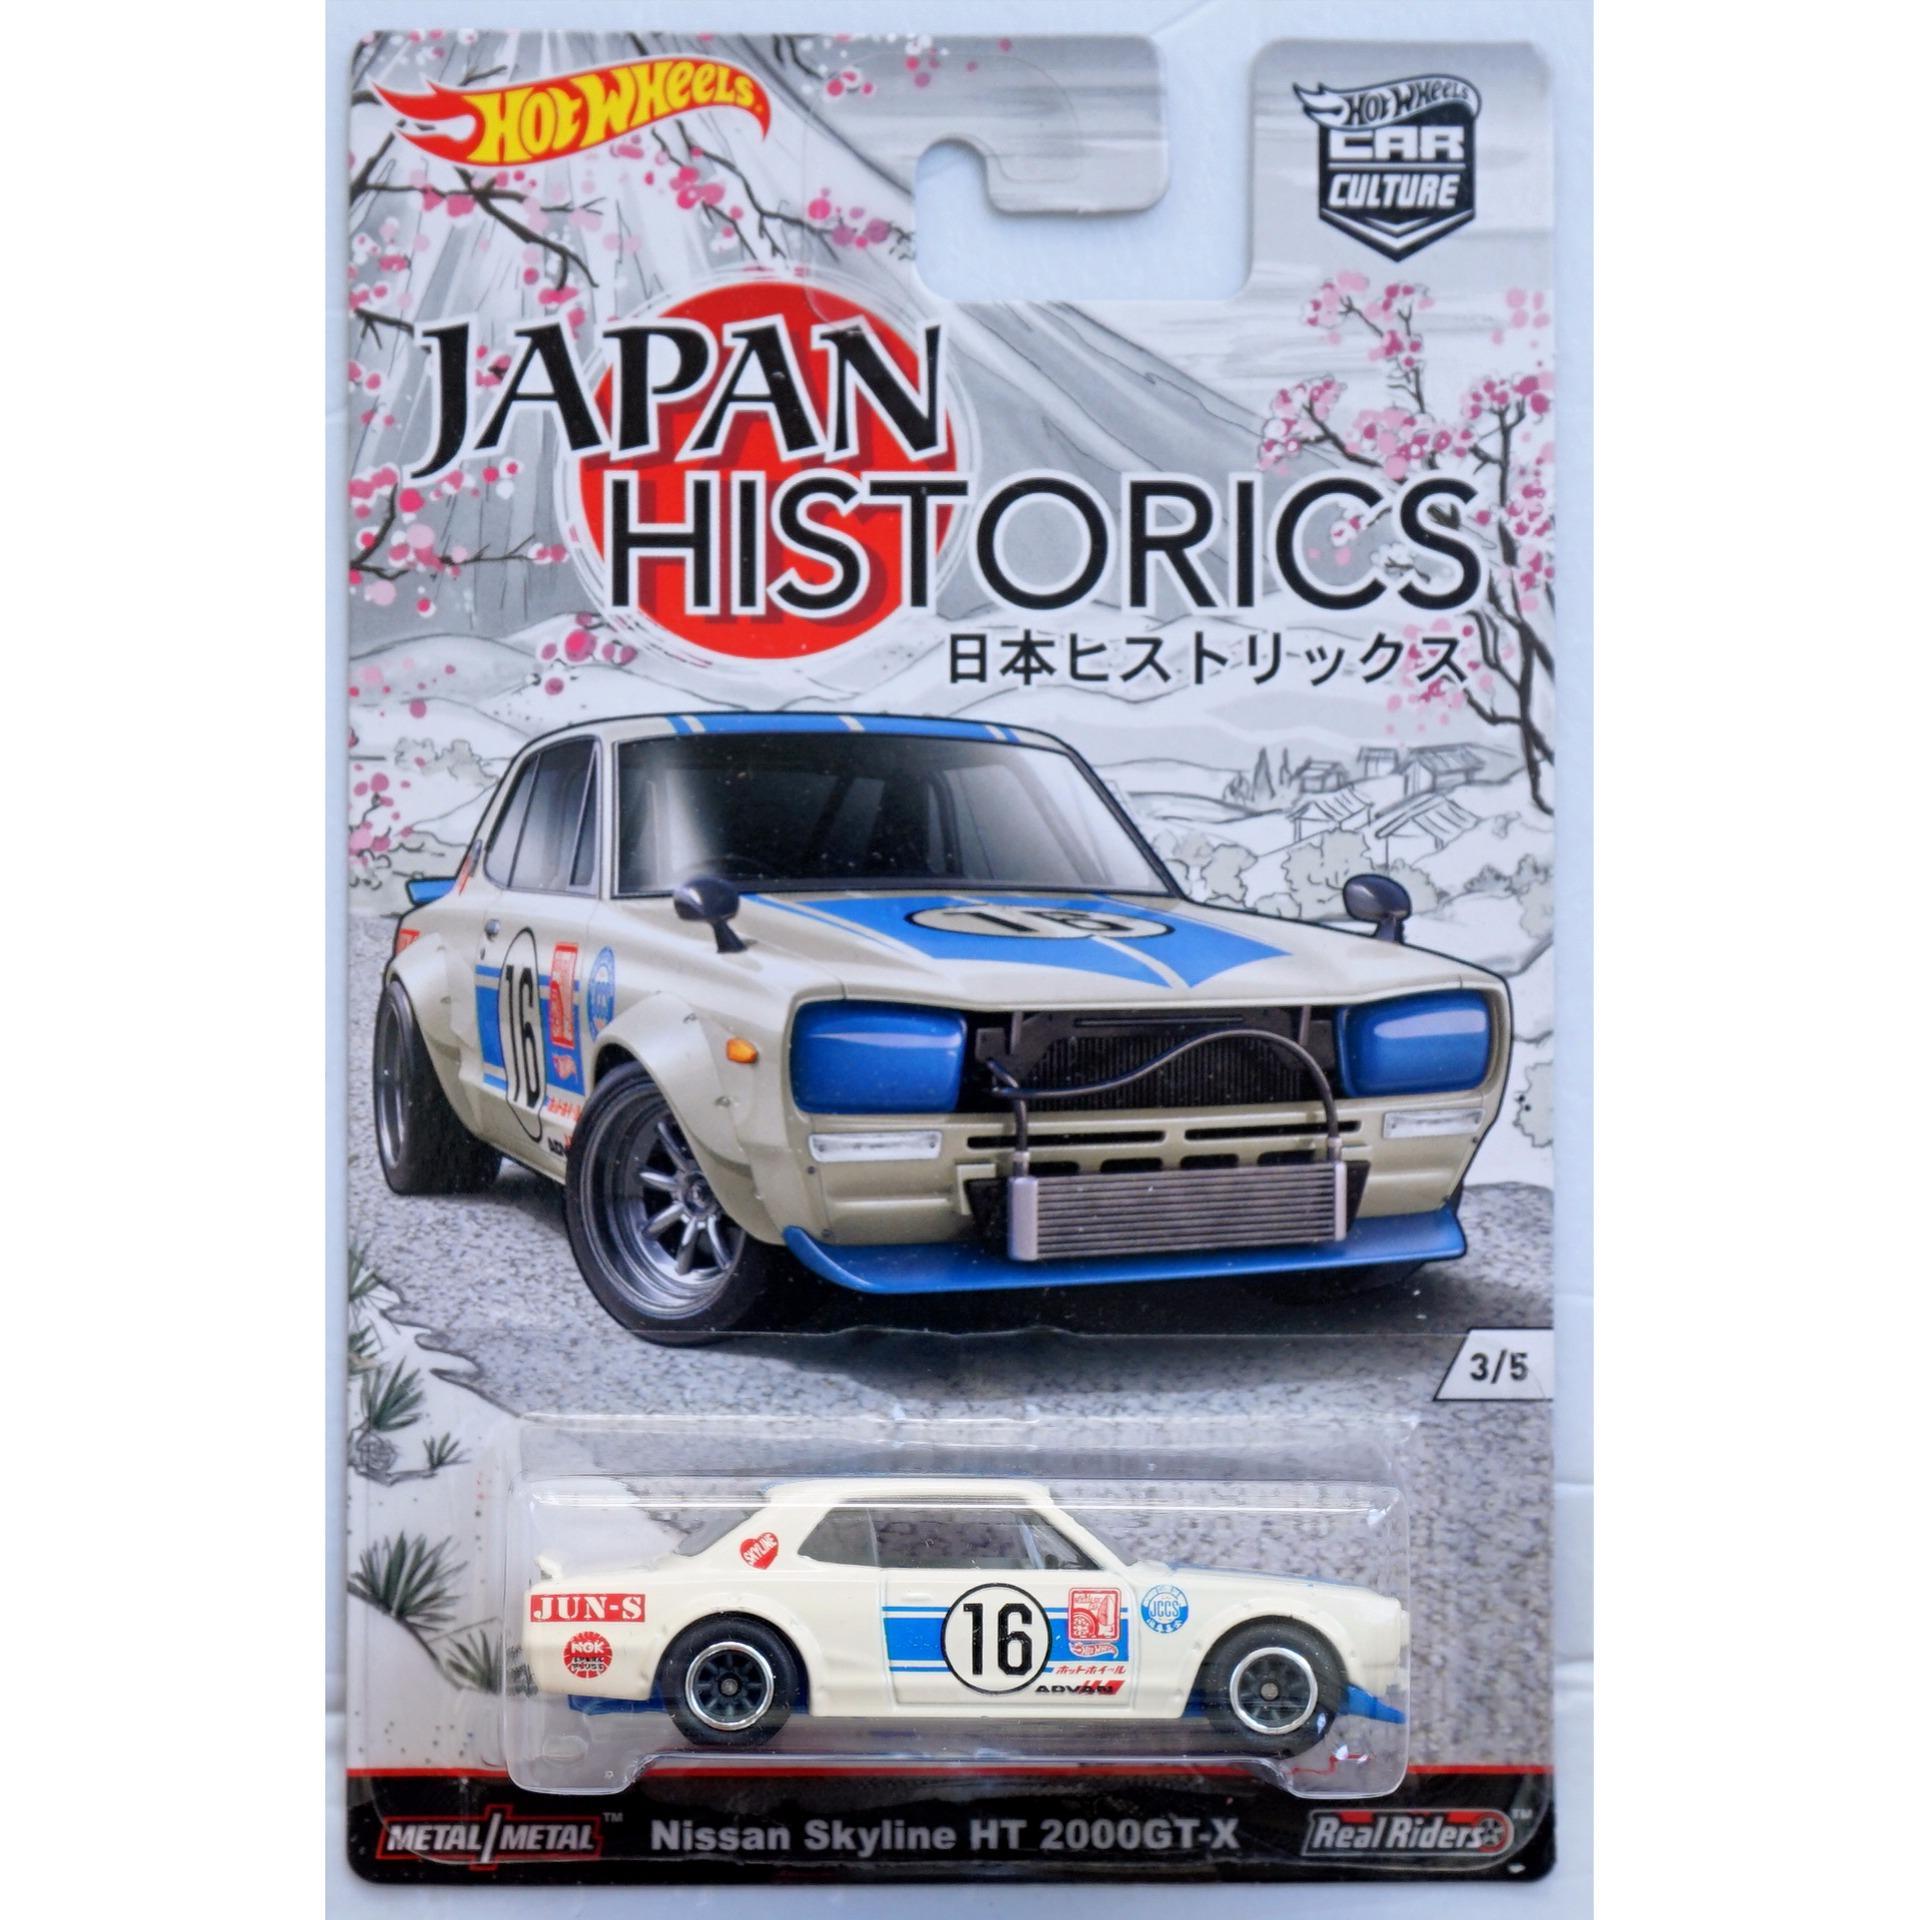 Xe ô tô mô hình tỉ lệ 1:64 Hot Wheels Japan Historics Nissan Skyline HT 2000 GT-X 3/5 ( Màu...